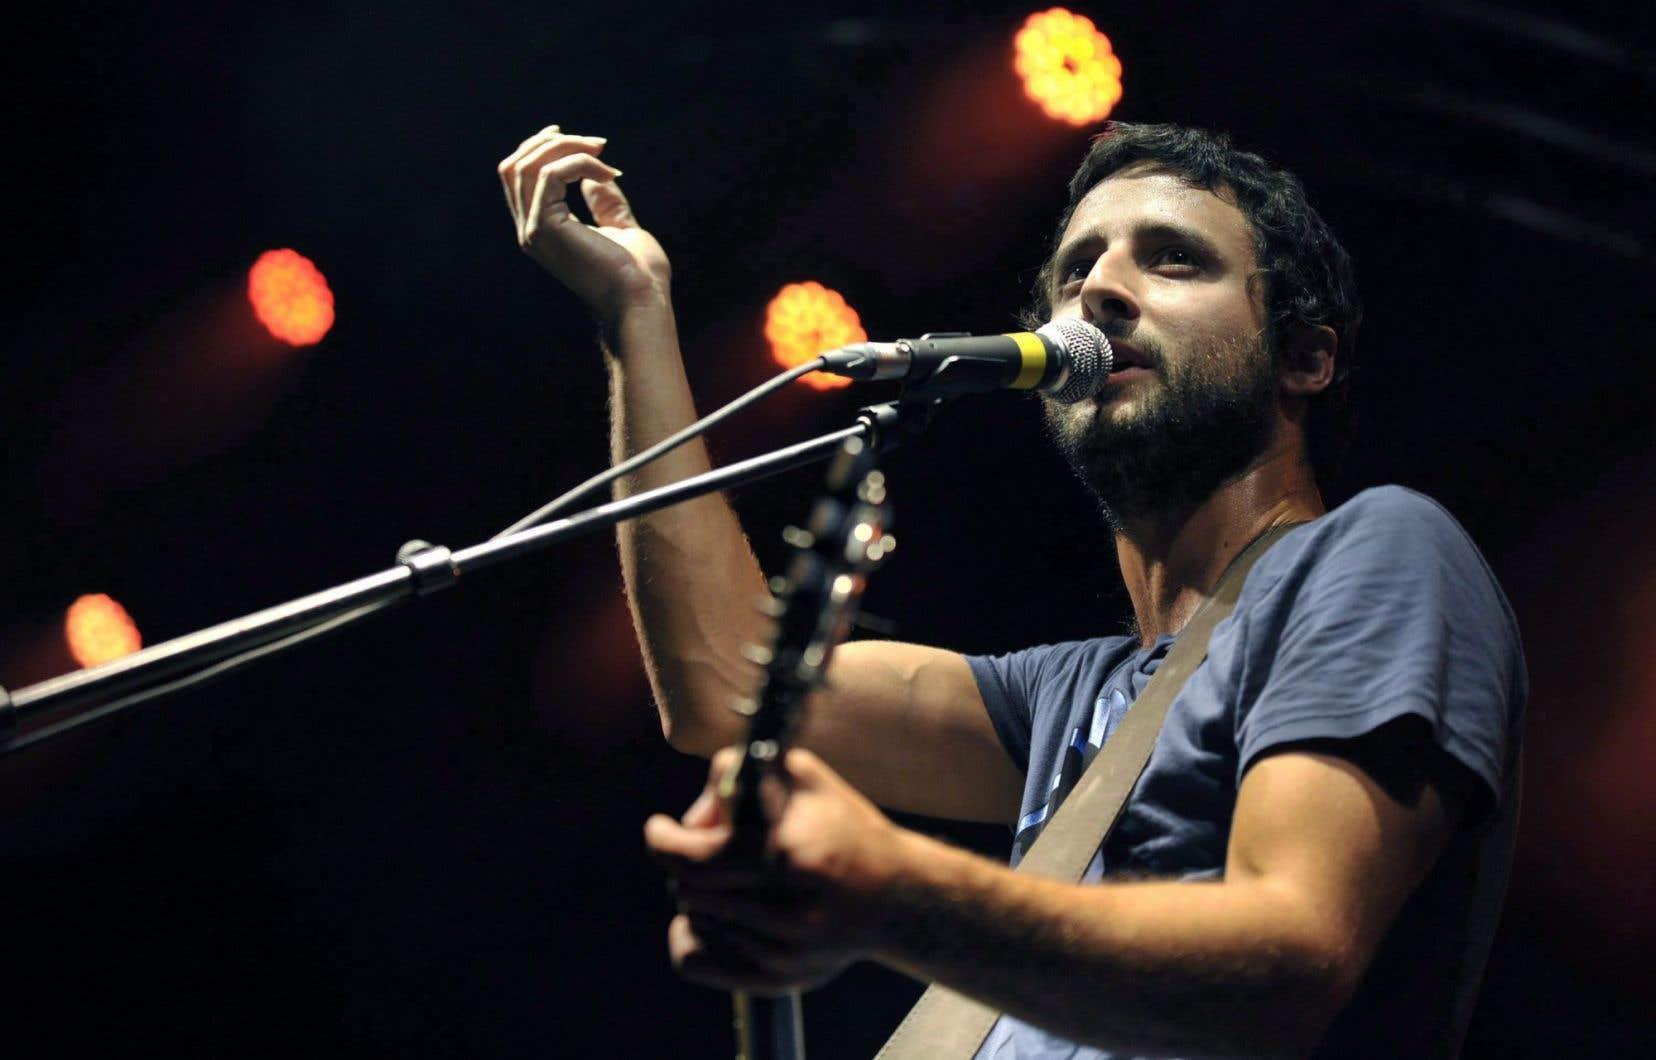 Du côté de Karkwa, le chanteur Louis-Jean Cormier tient à préciser qu'il s'agira d'une occasion unique de revoir le groupe.